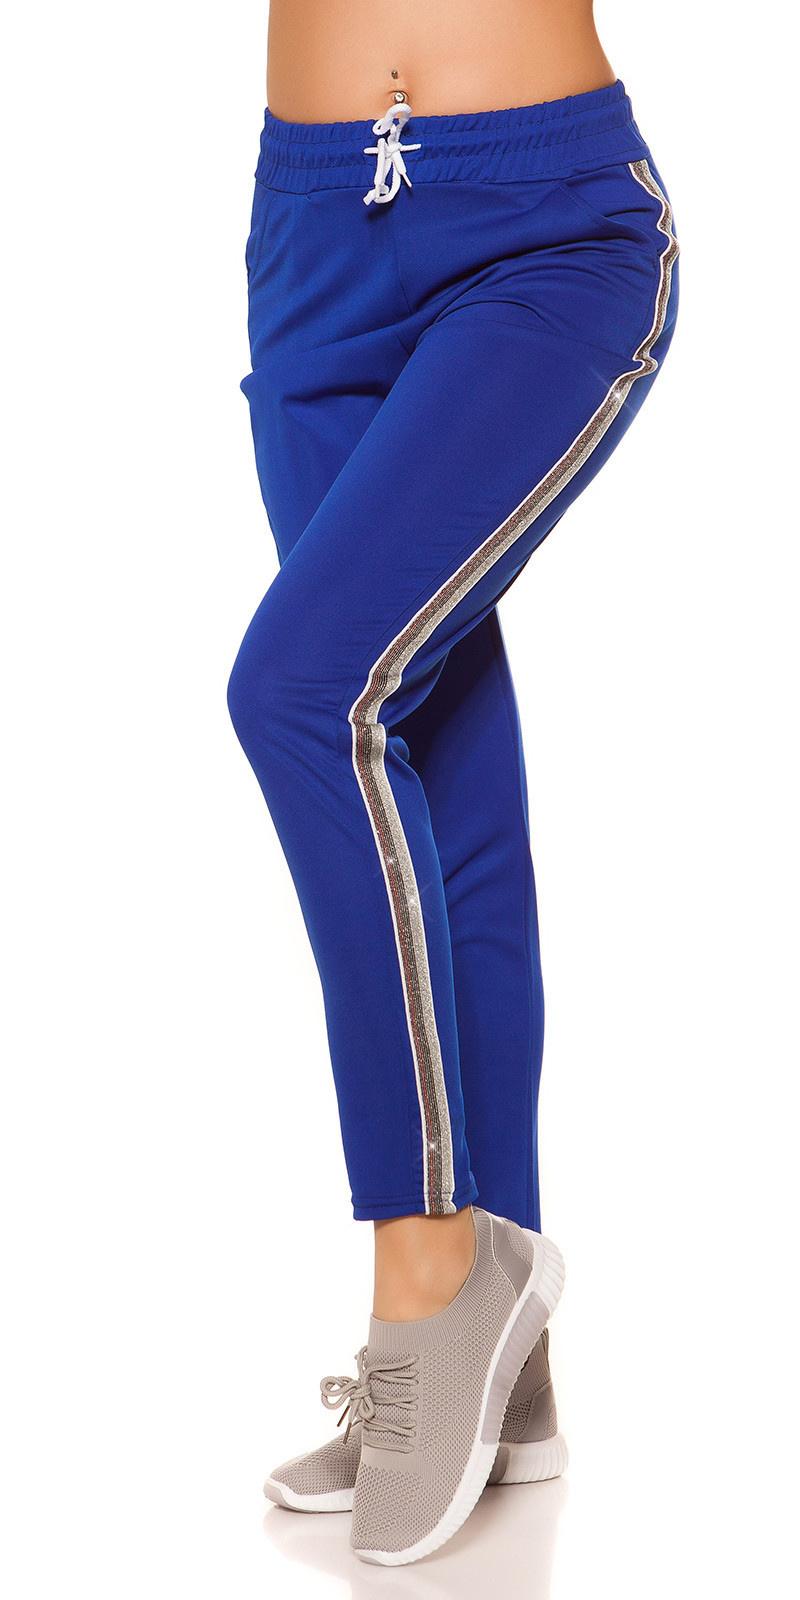 Trendy joggingbroek met contrast strepen blauw